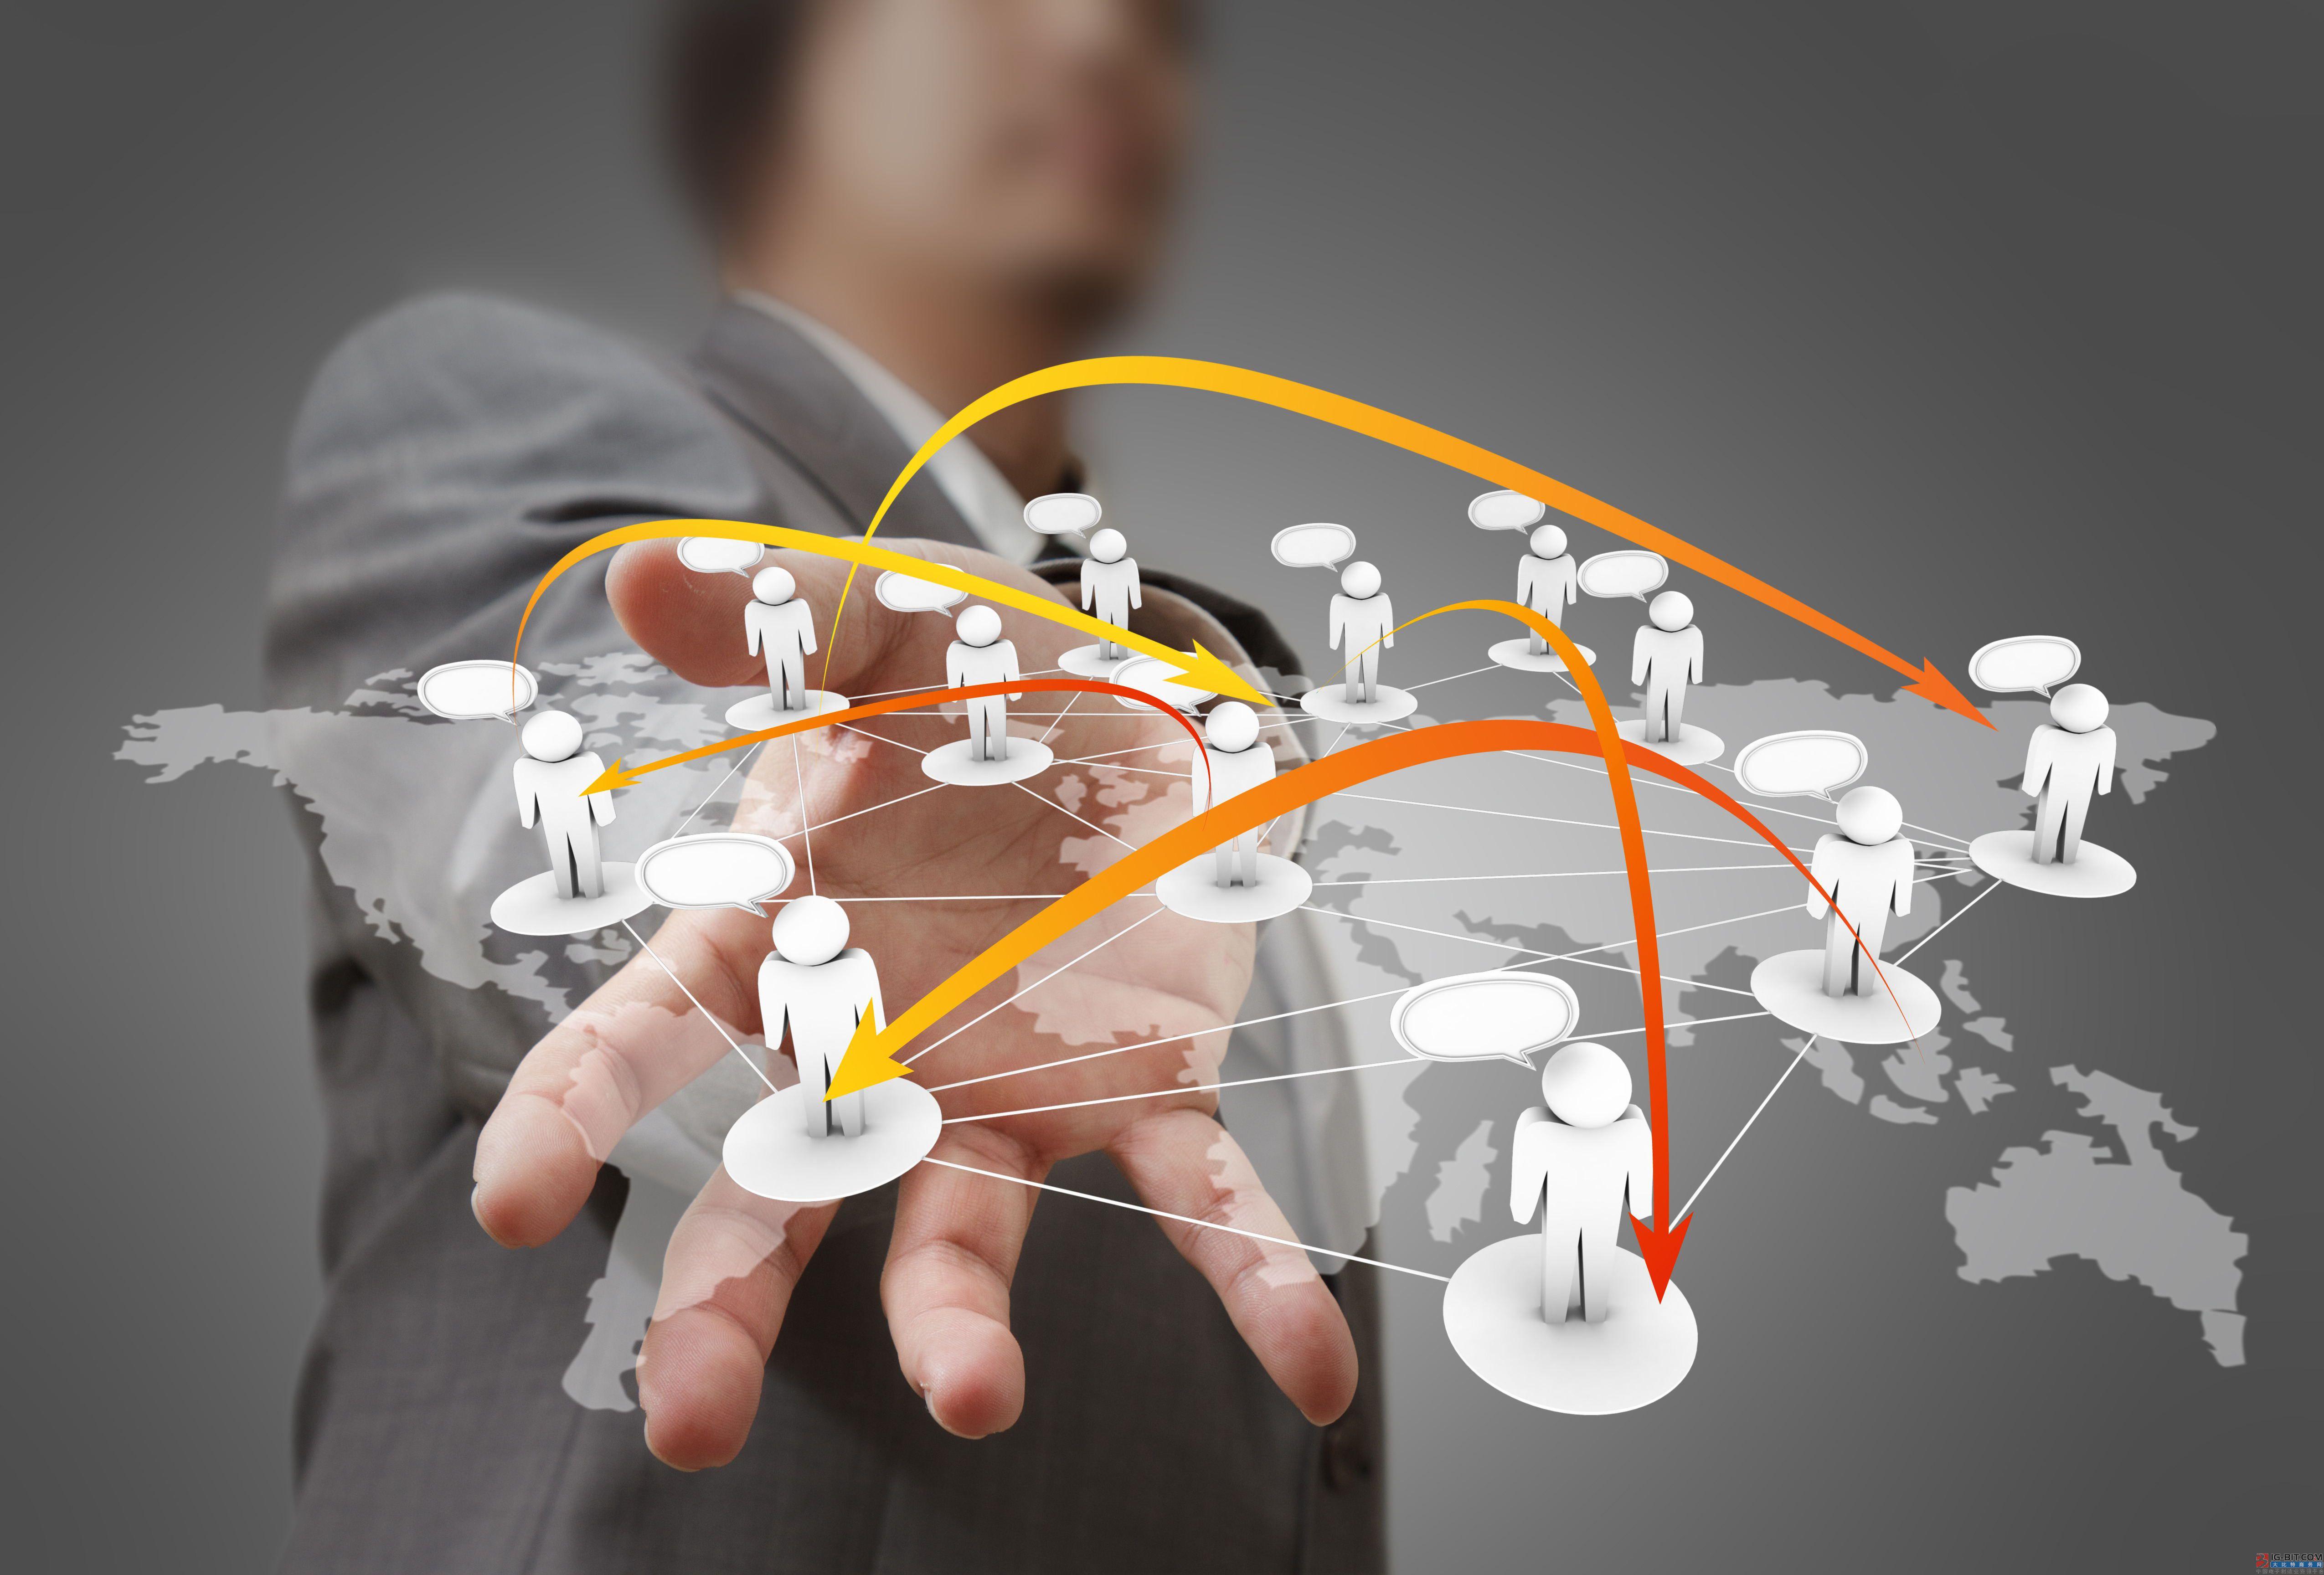 MWC推出全球最大的新物联网网络